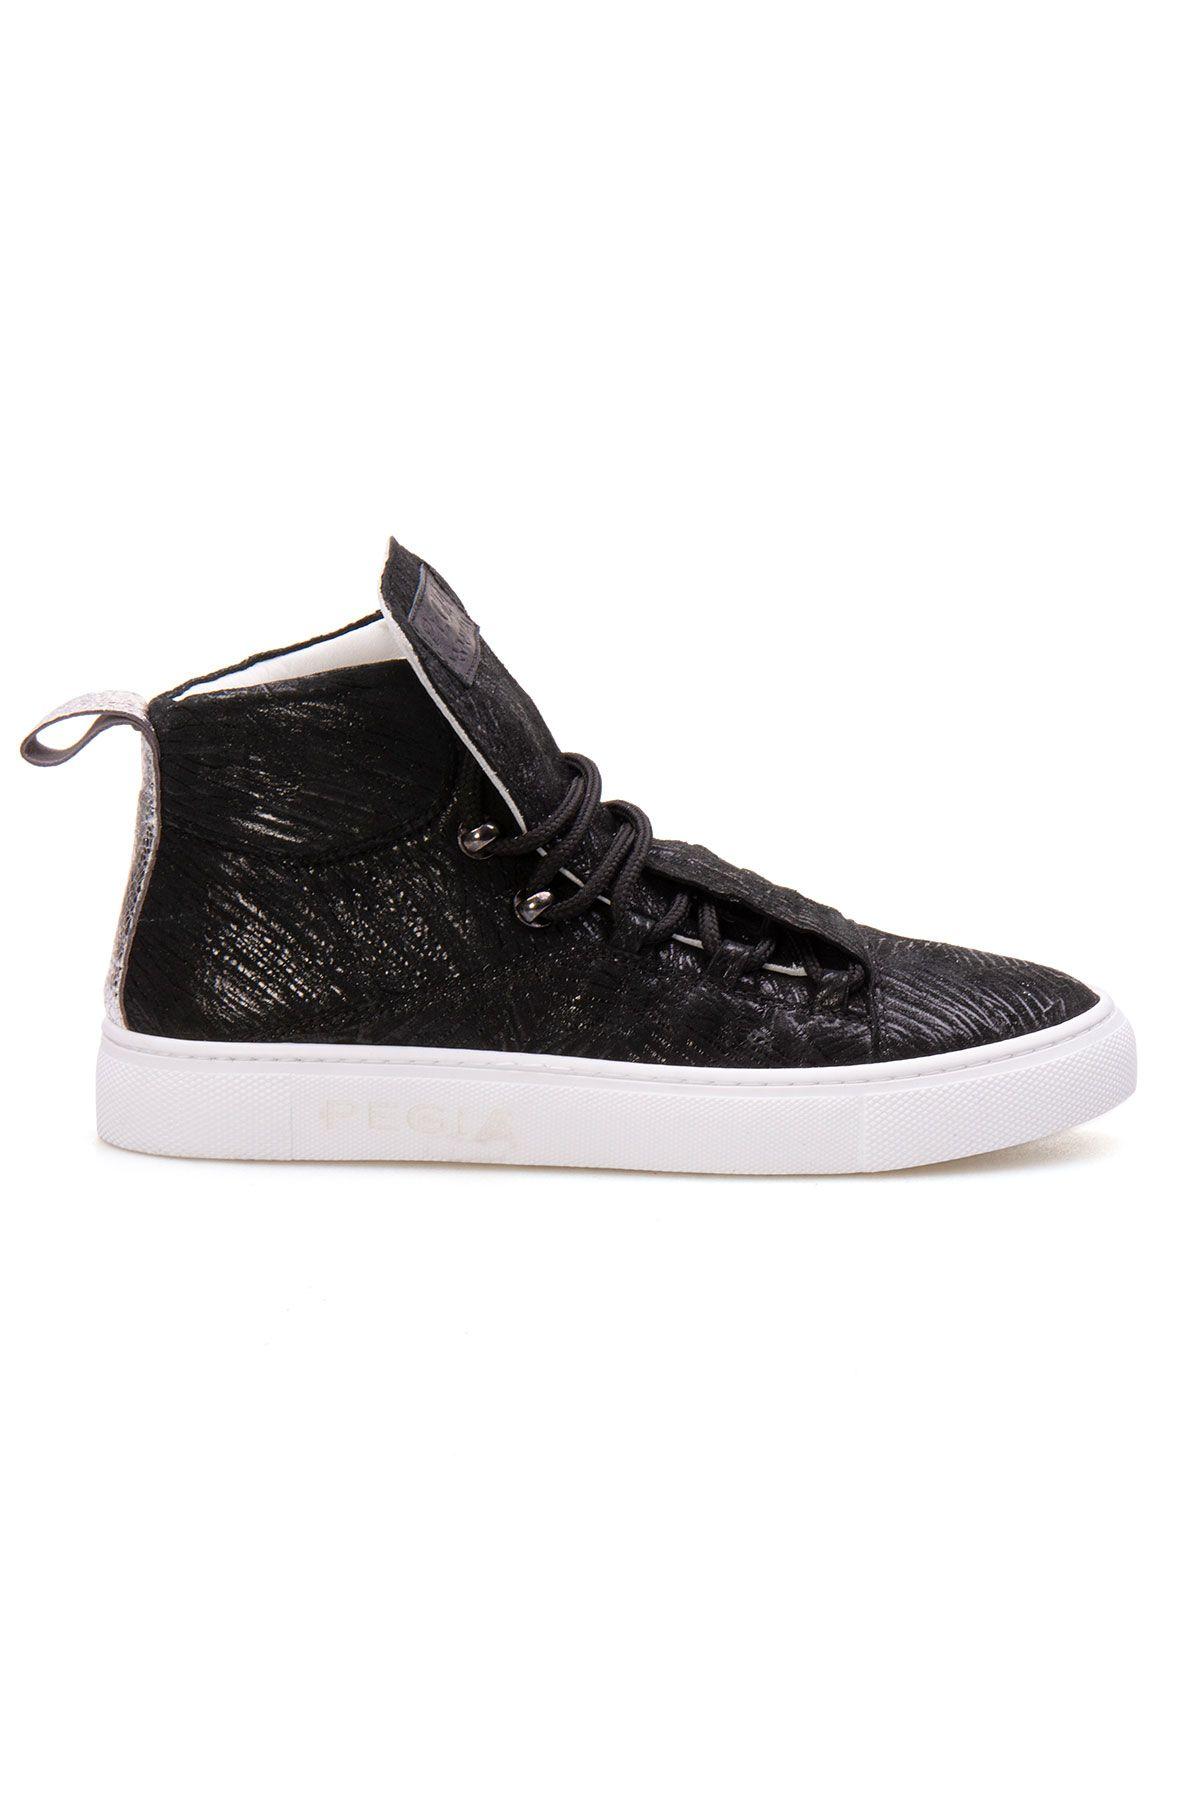 Pegia Genuine Leather Women's Sneaker LA1321 Black